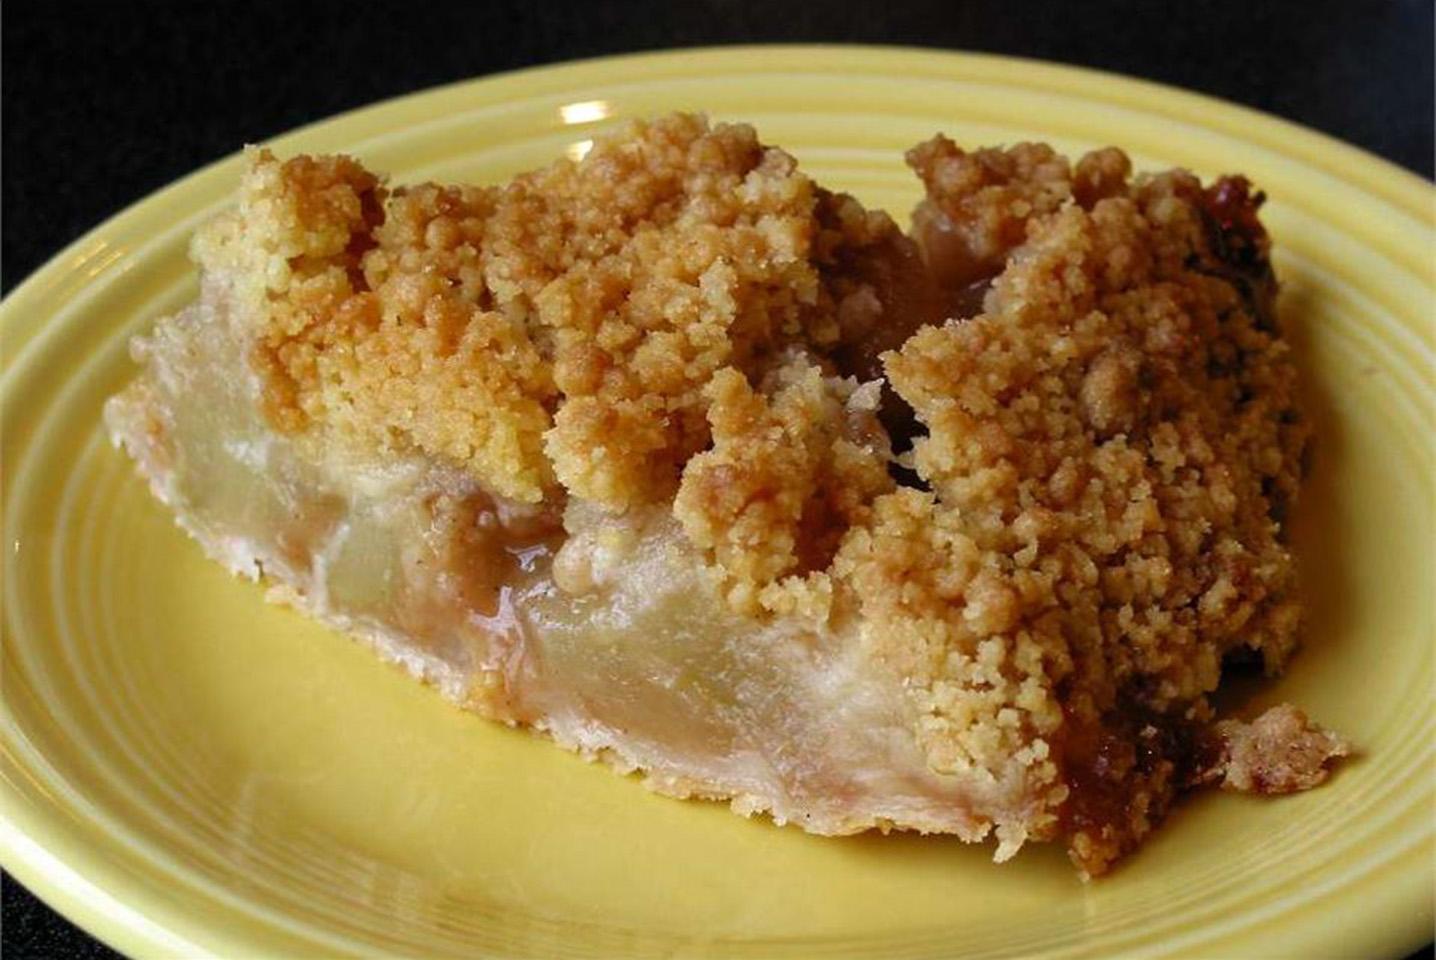 Apple Crunch Pie with Vanilla Sauce